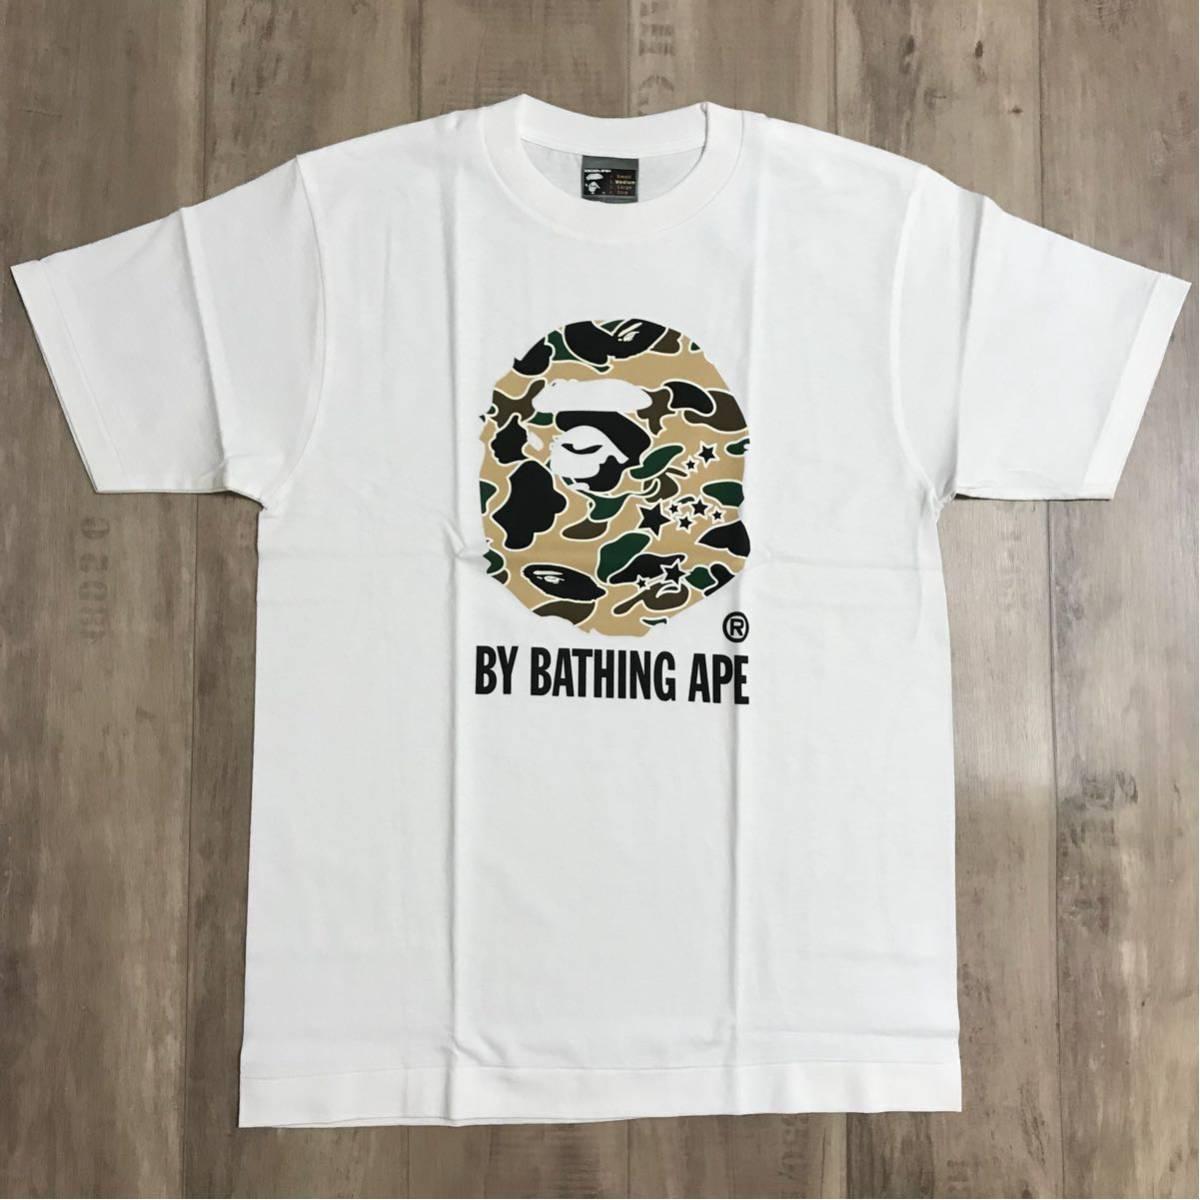 ★新品★ sta camo big head Tシャツ Mサイズ a bathing ape bape エイプ ベイプ アベイシングエイプ psyche サイケカモ 裏原宿 nigo 迷彩